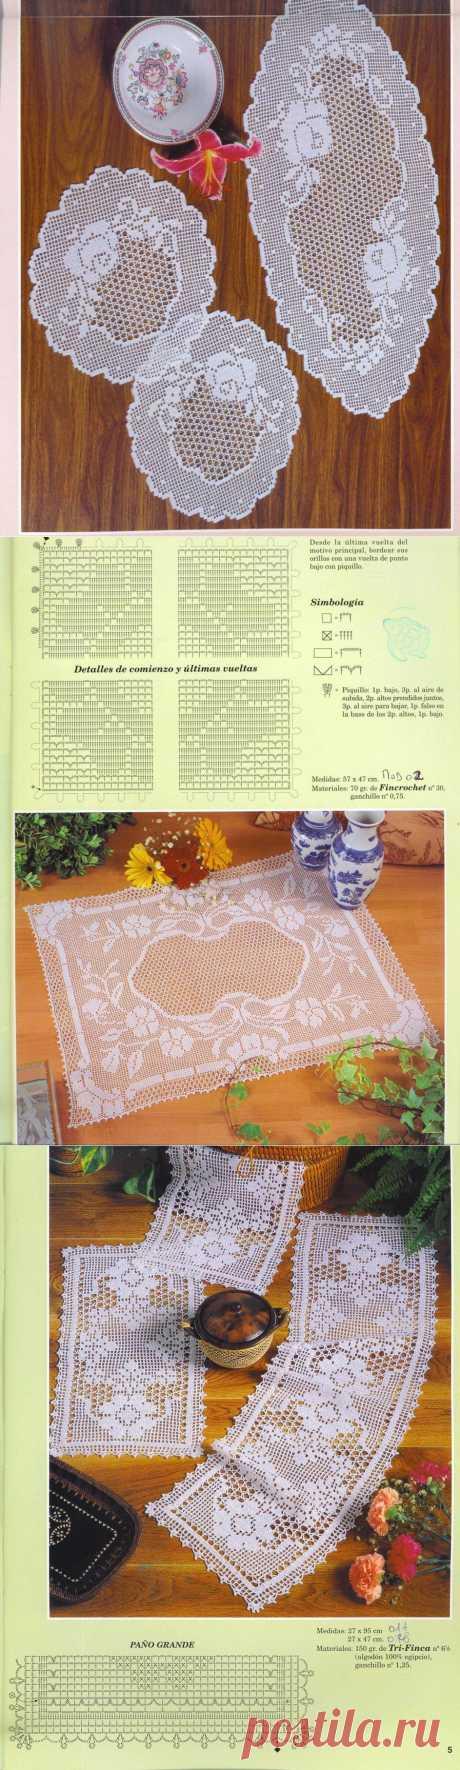 方格编织,,桌垫 - 爱上芳菲的日志 - 网易博客